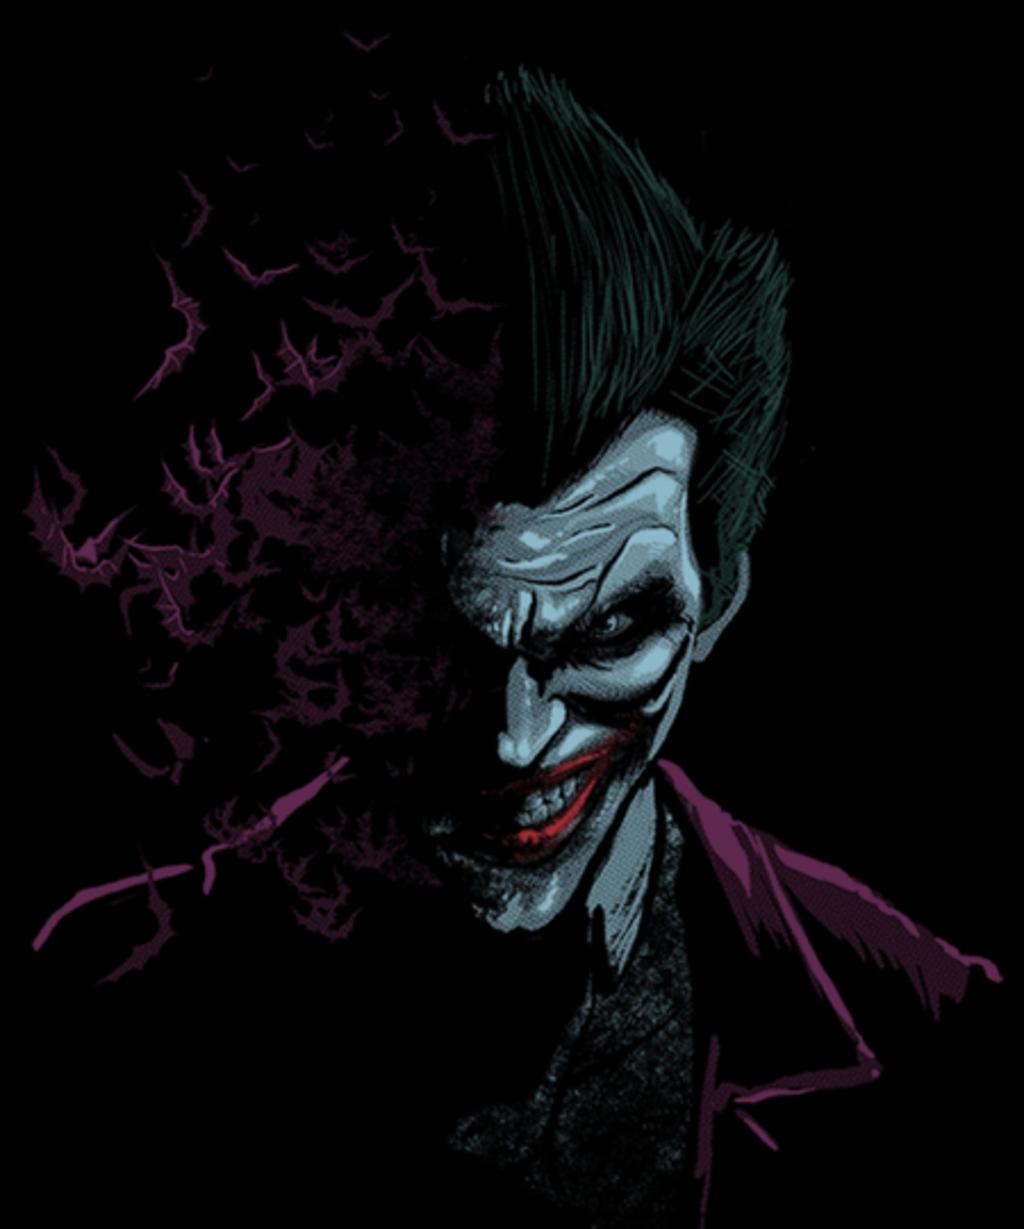 Qwertee: Arkham Joker